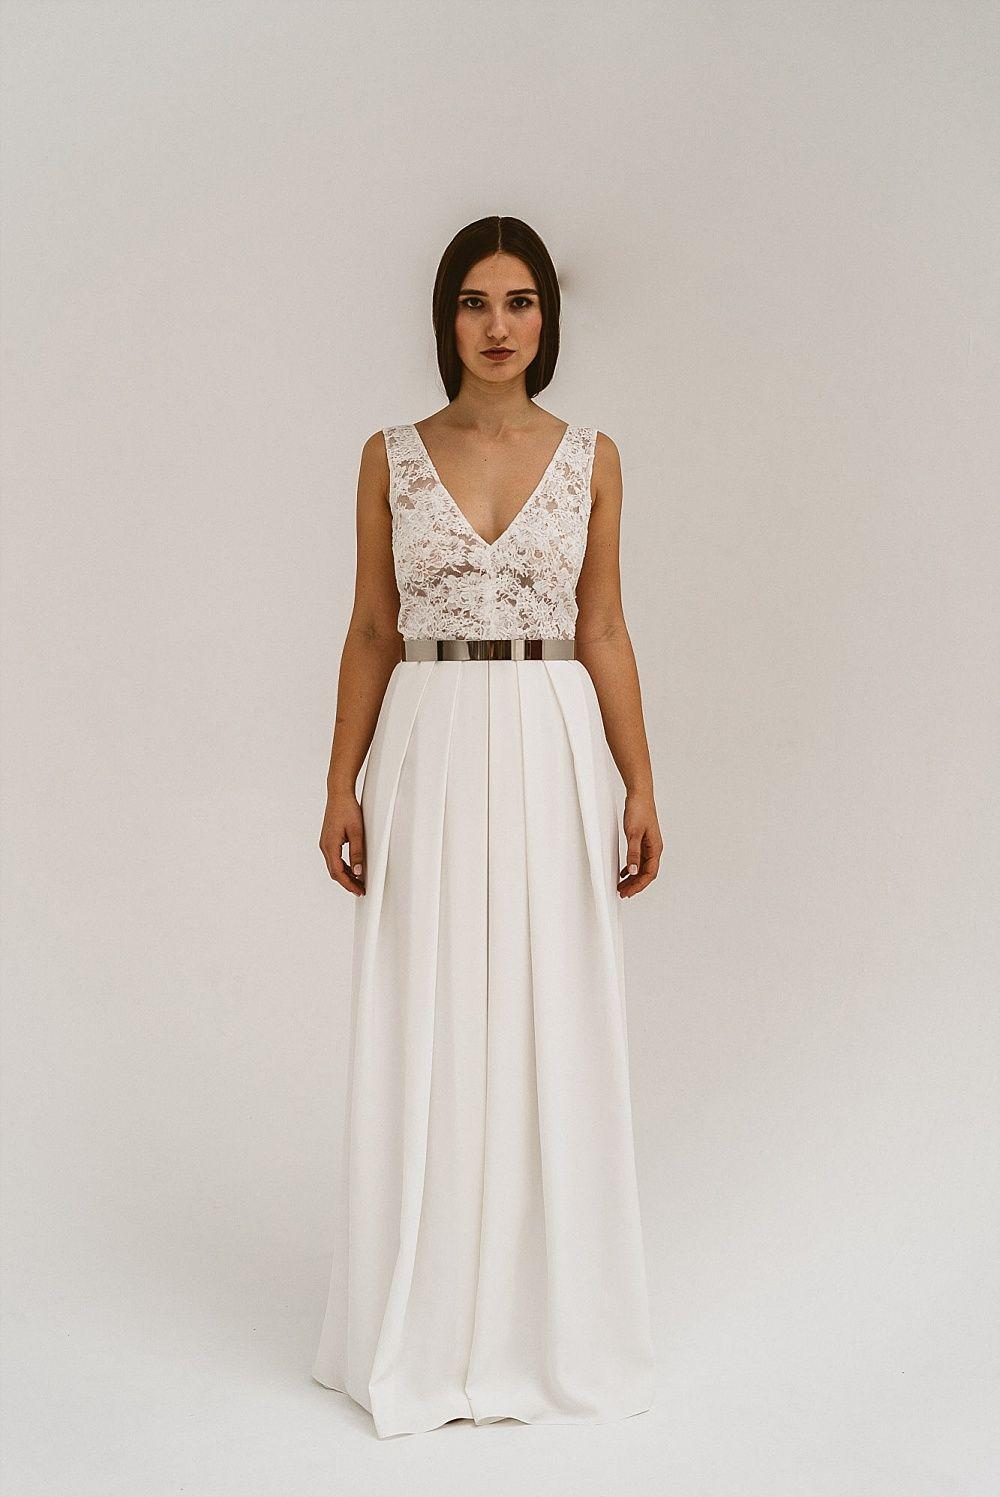 Brautmode zum Kombinieren  Brautmode, Braut, Formelle kleider